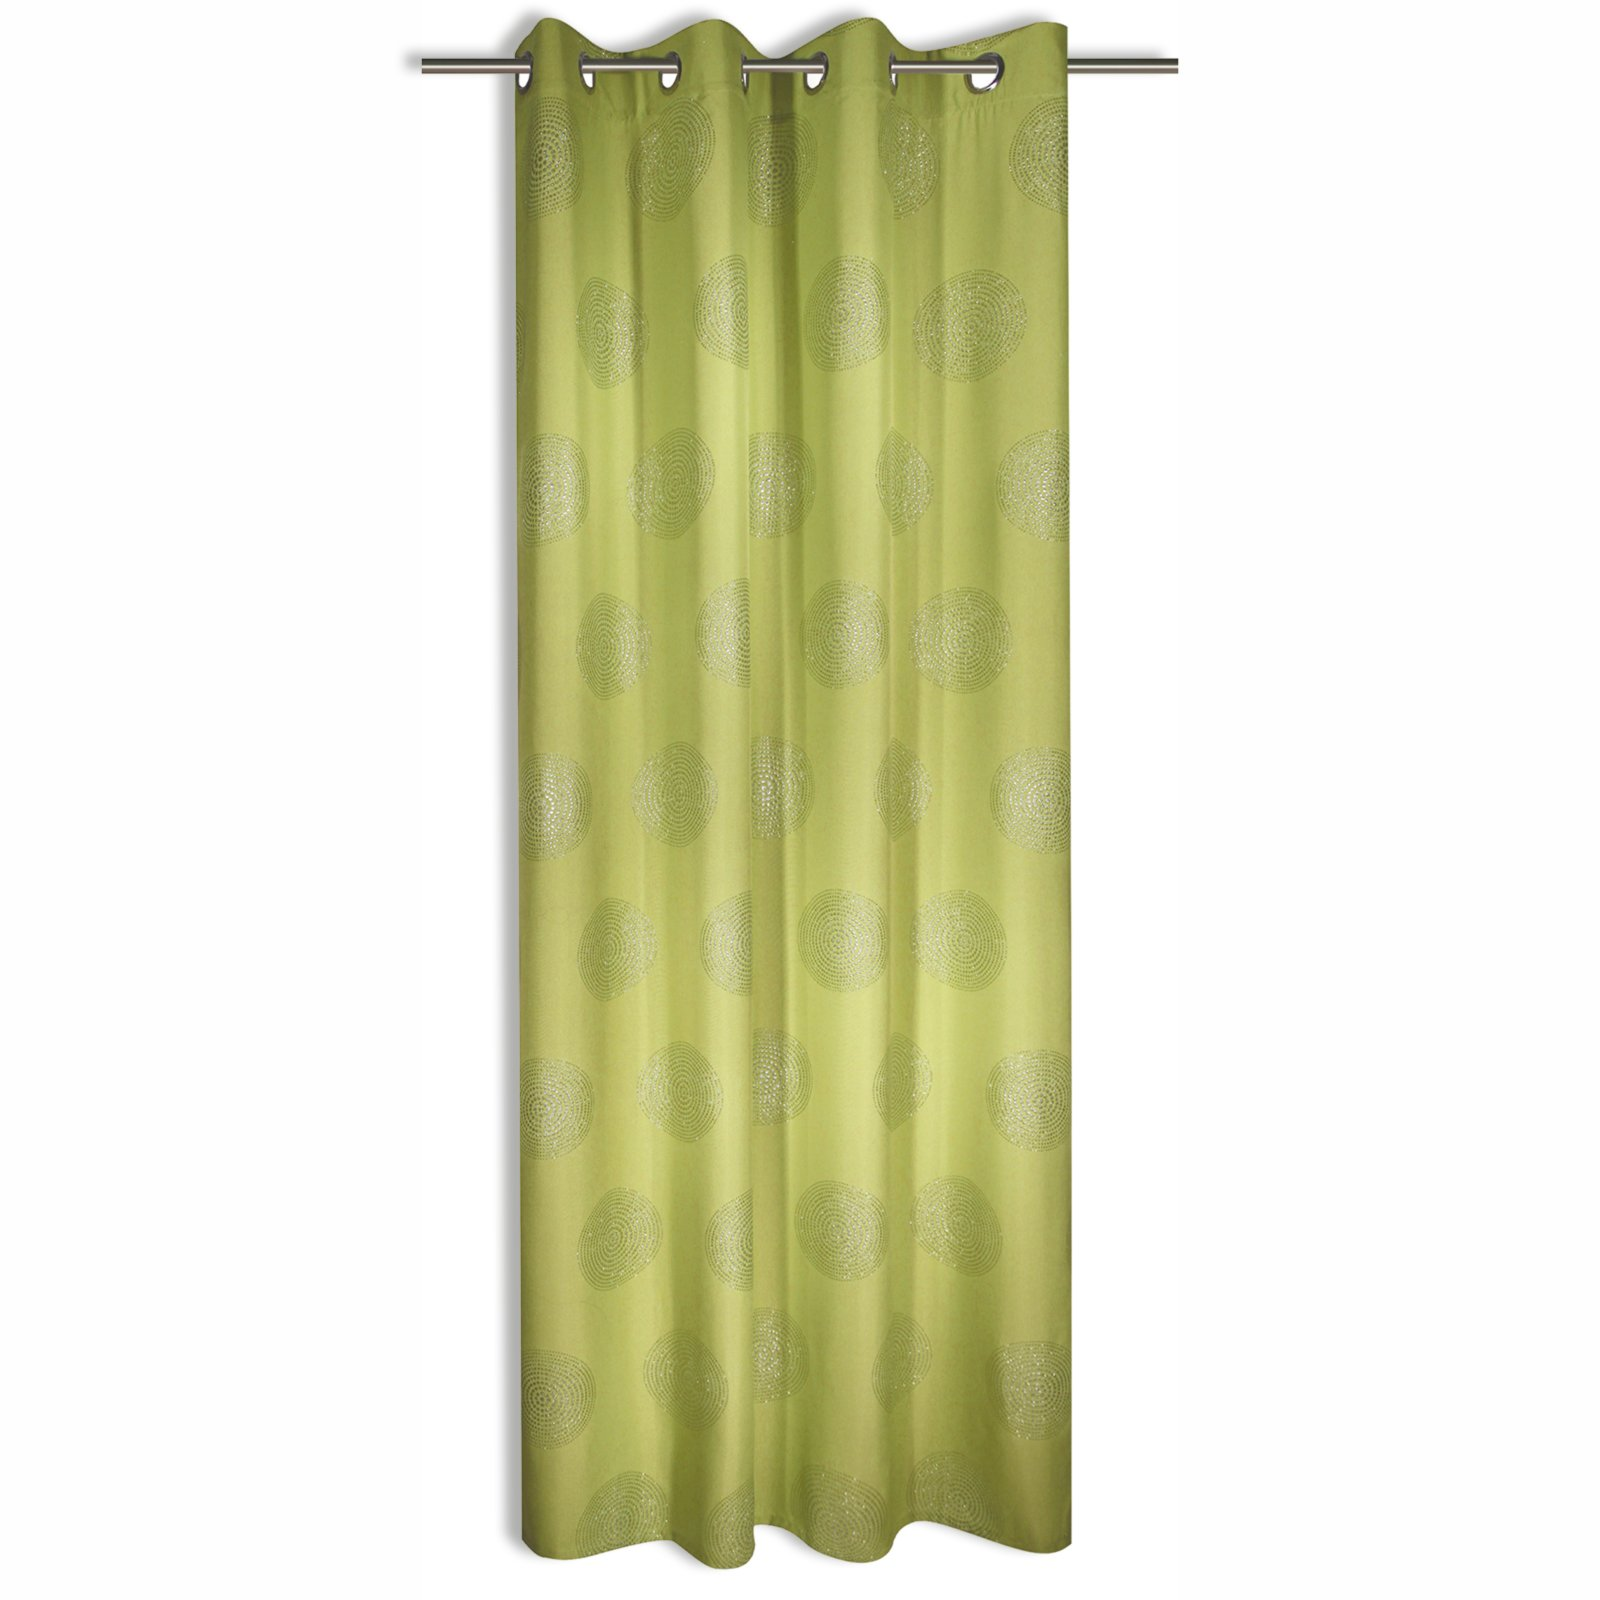 gardinen deko gardinen gr n blickdicht gardinen dekoration verbessern ihr zimmer shade. Black Bedroom Furniture Sets. Home Design Ideas